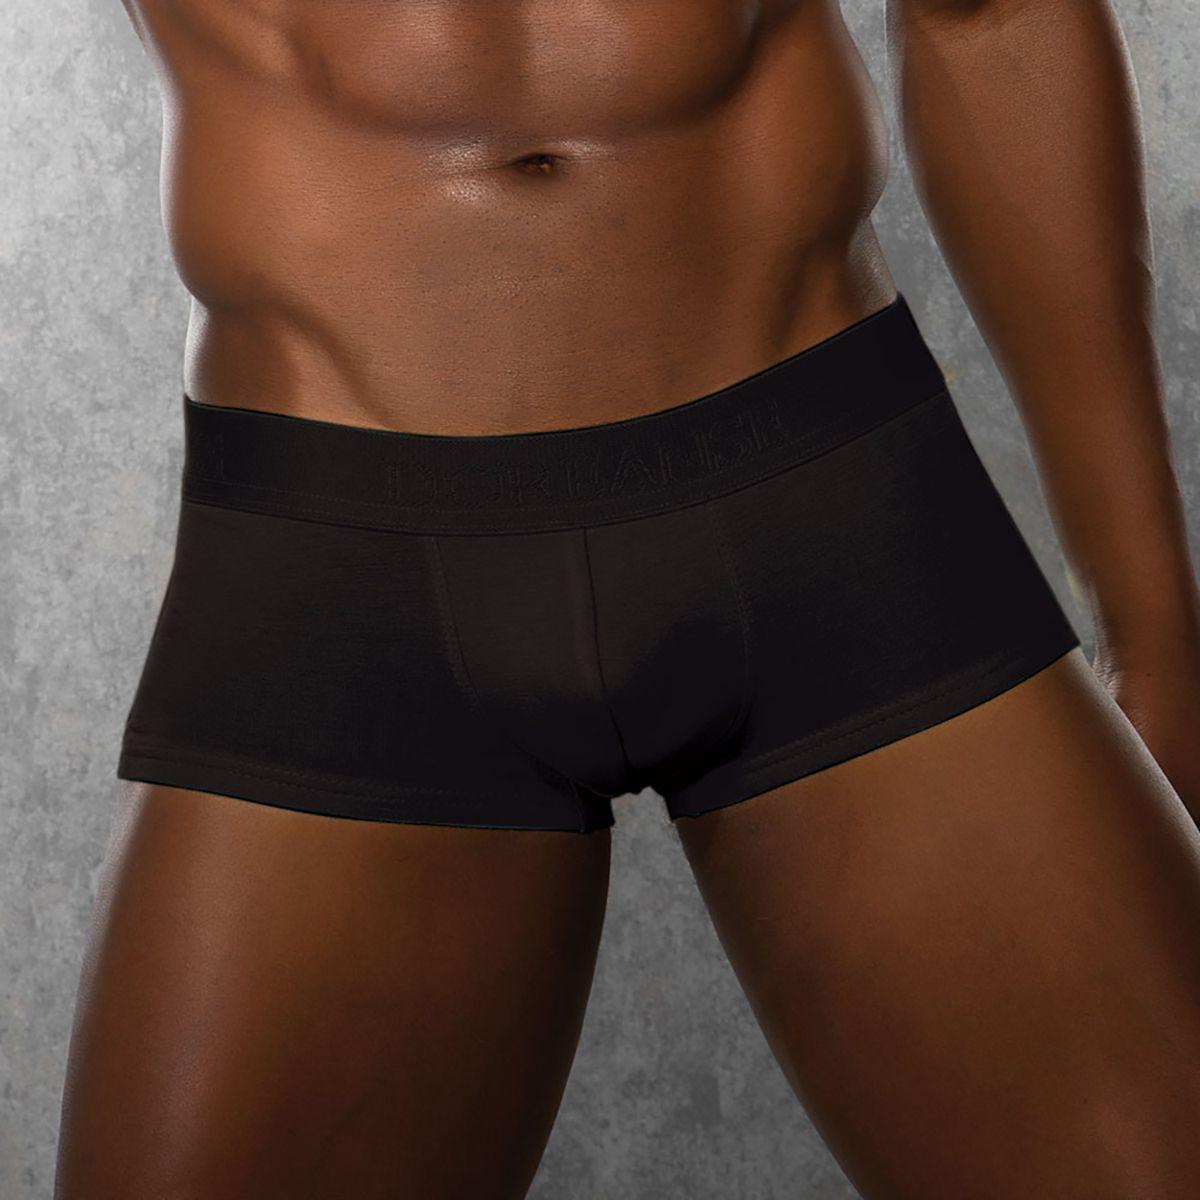 Мужское белье: Укороченные полупрозрачные боксеры